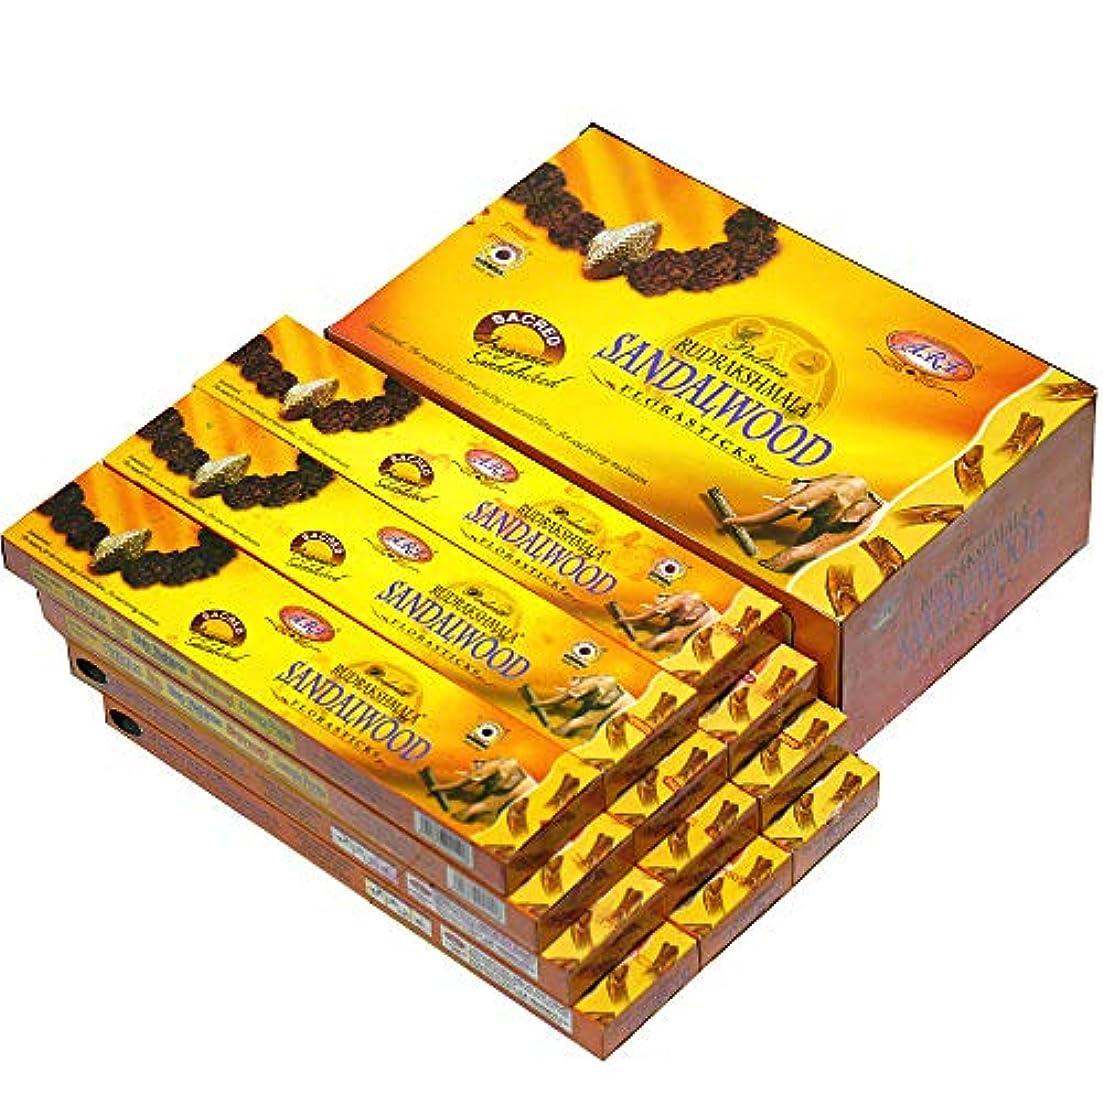 首謀者高価なカウントアップPADMA(パドマー) RUDRAKSH ルドラクシャ香 スティック 12箱セット